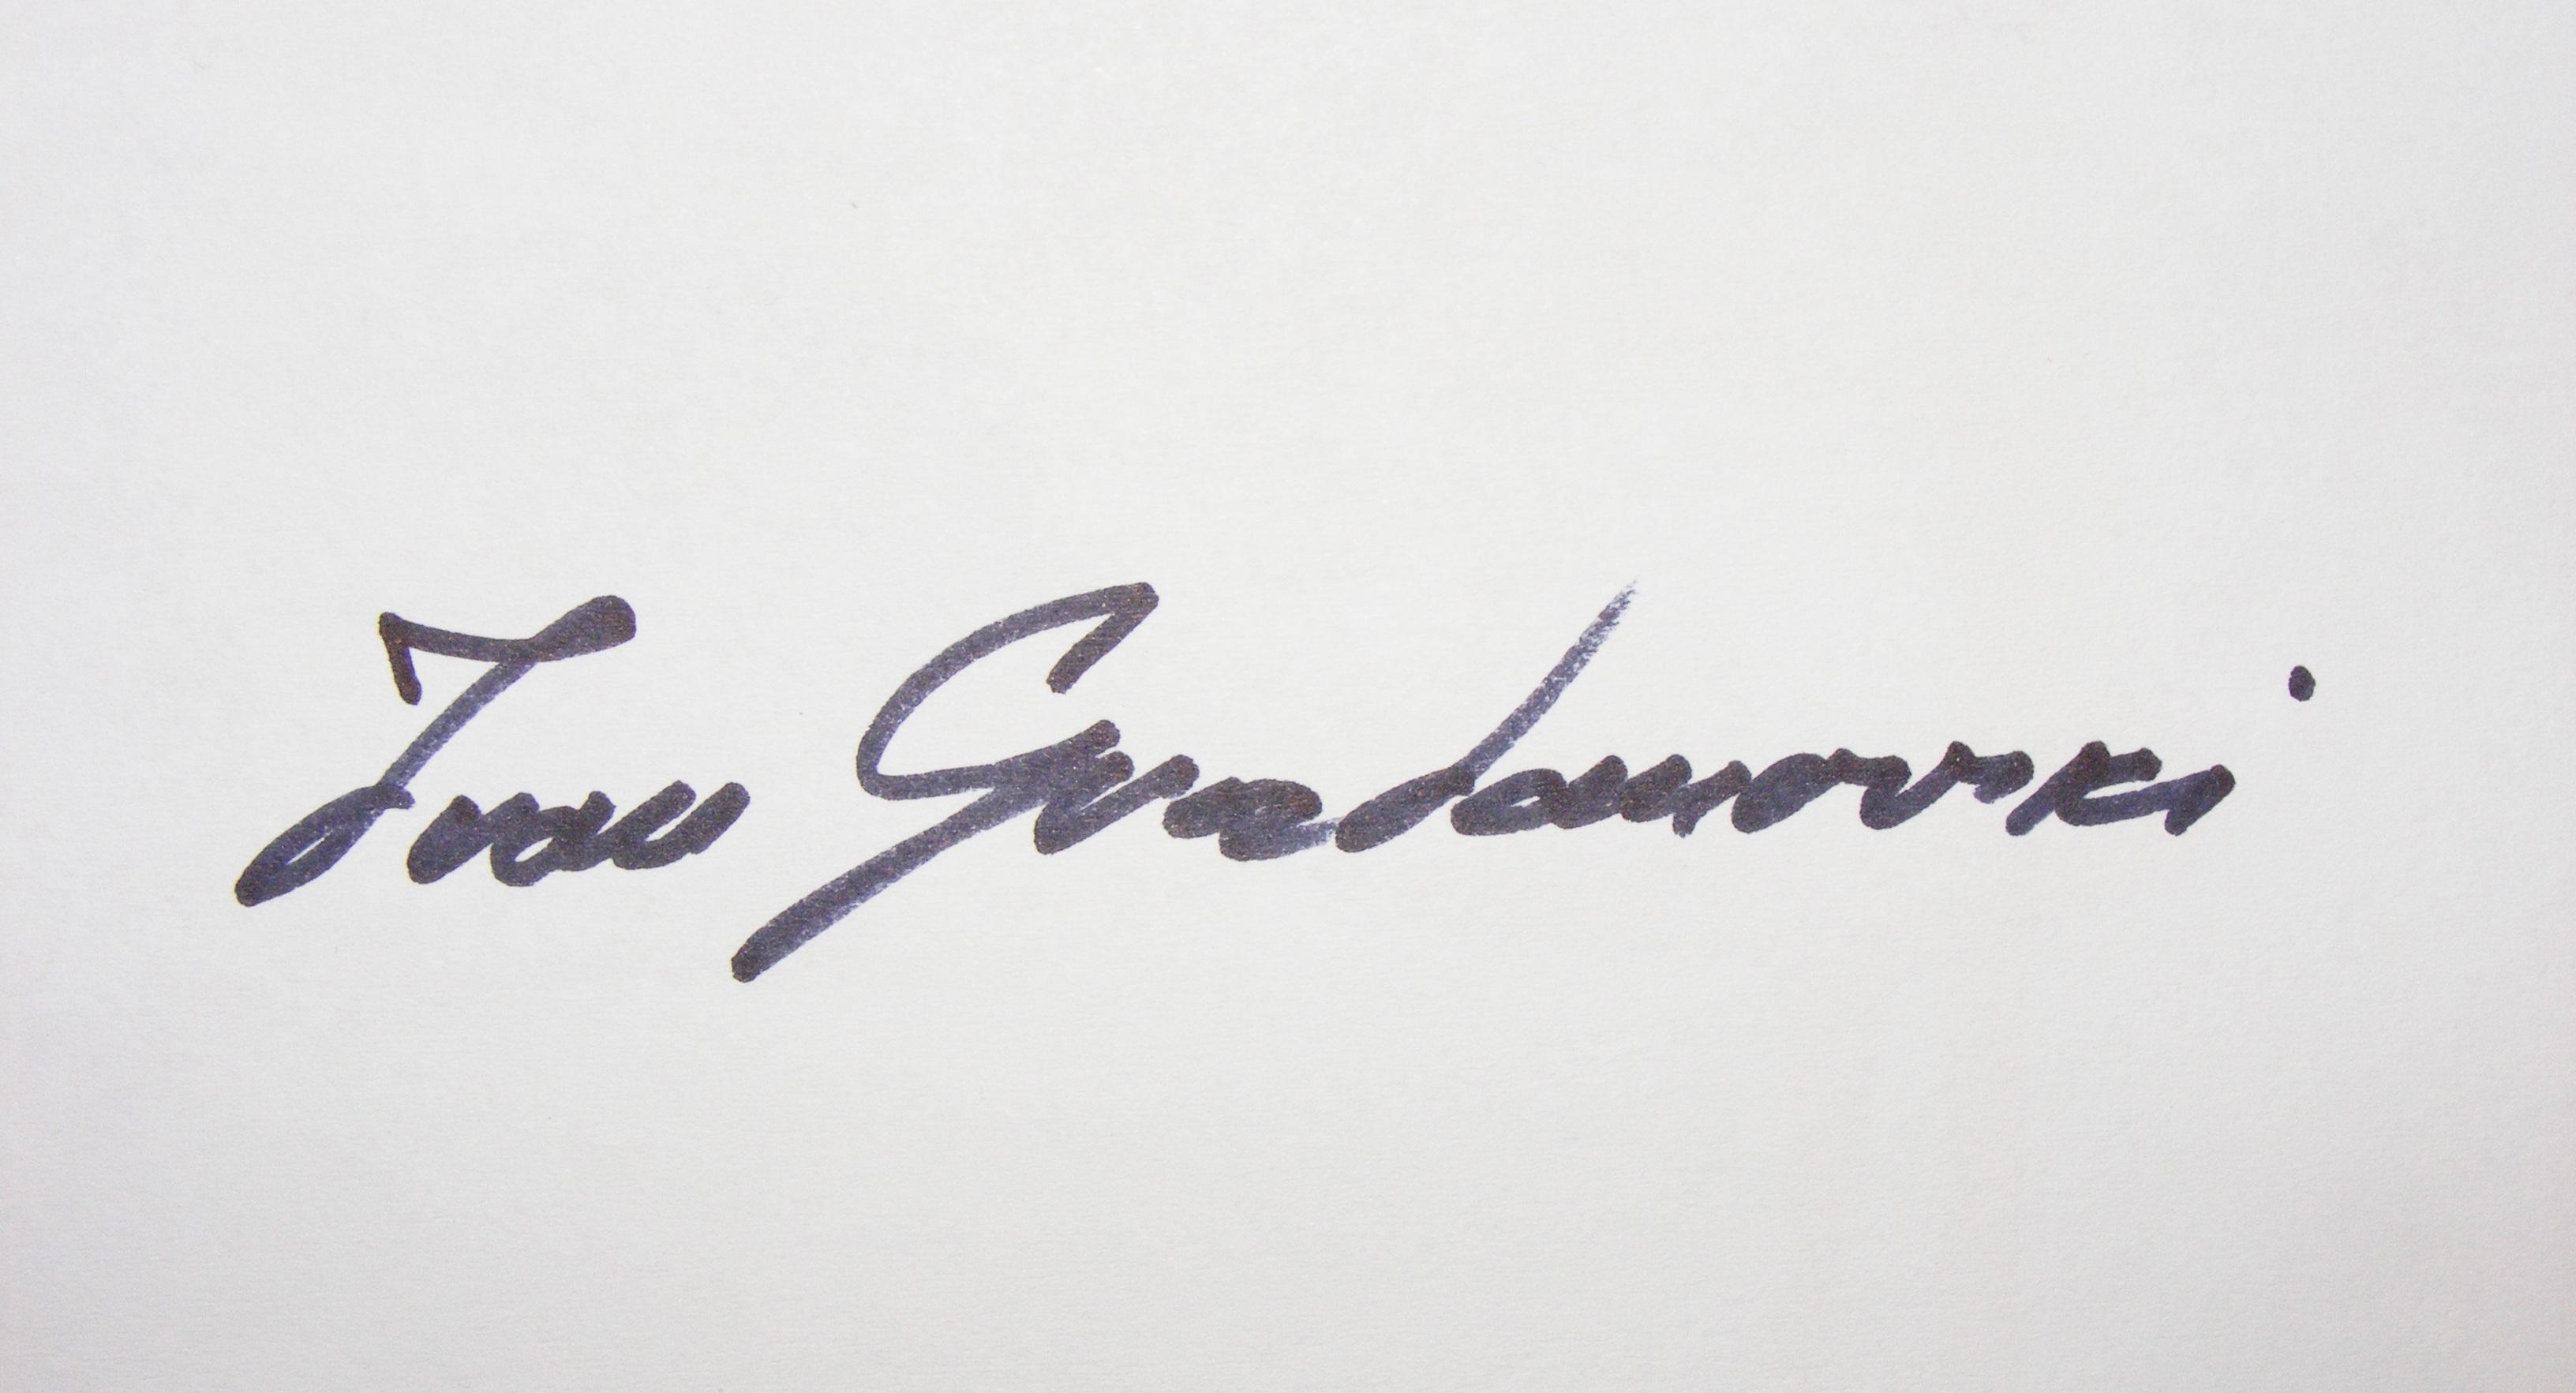 Ivan Grozdanovski's Signature